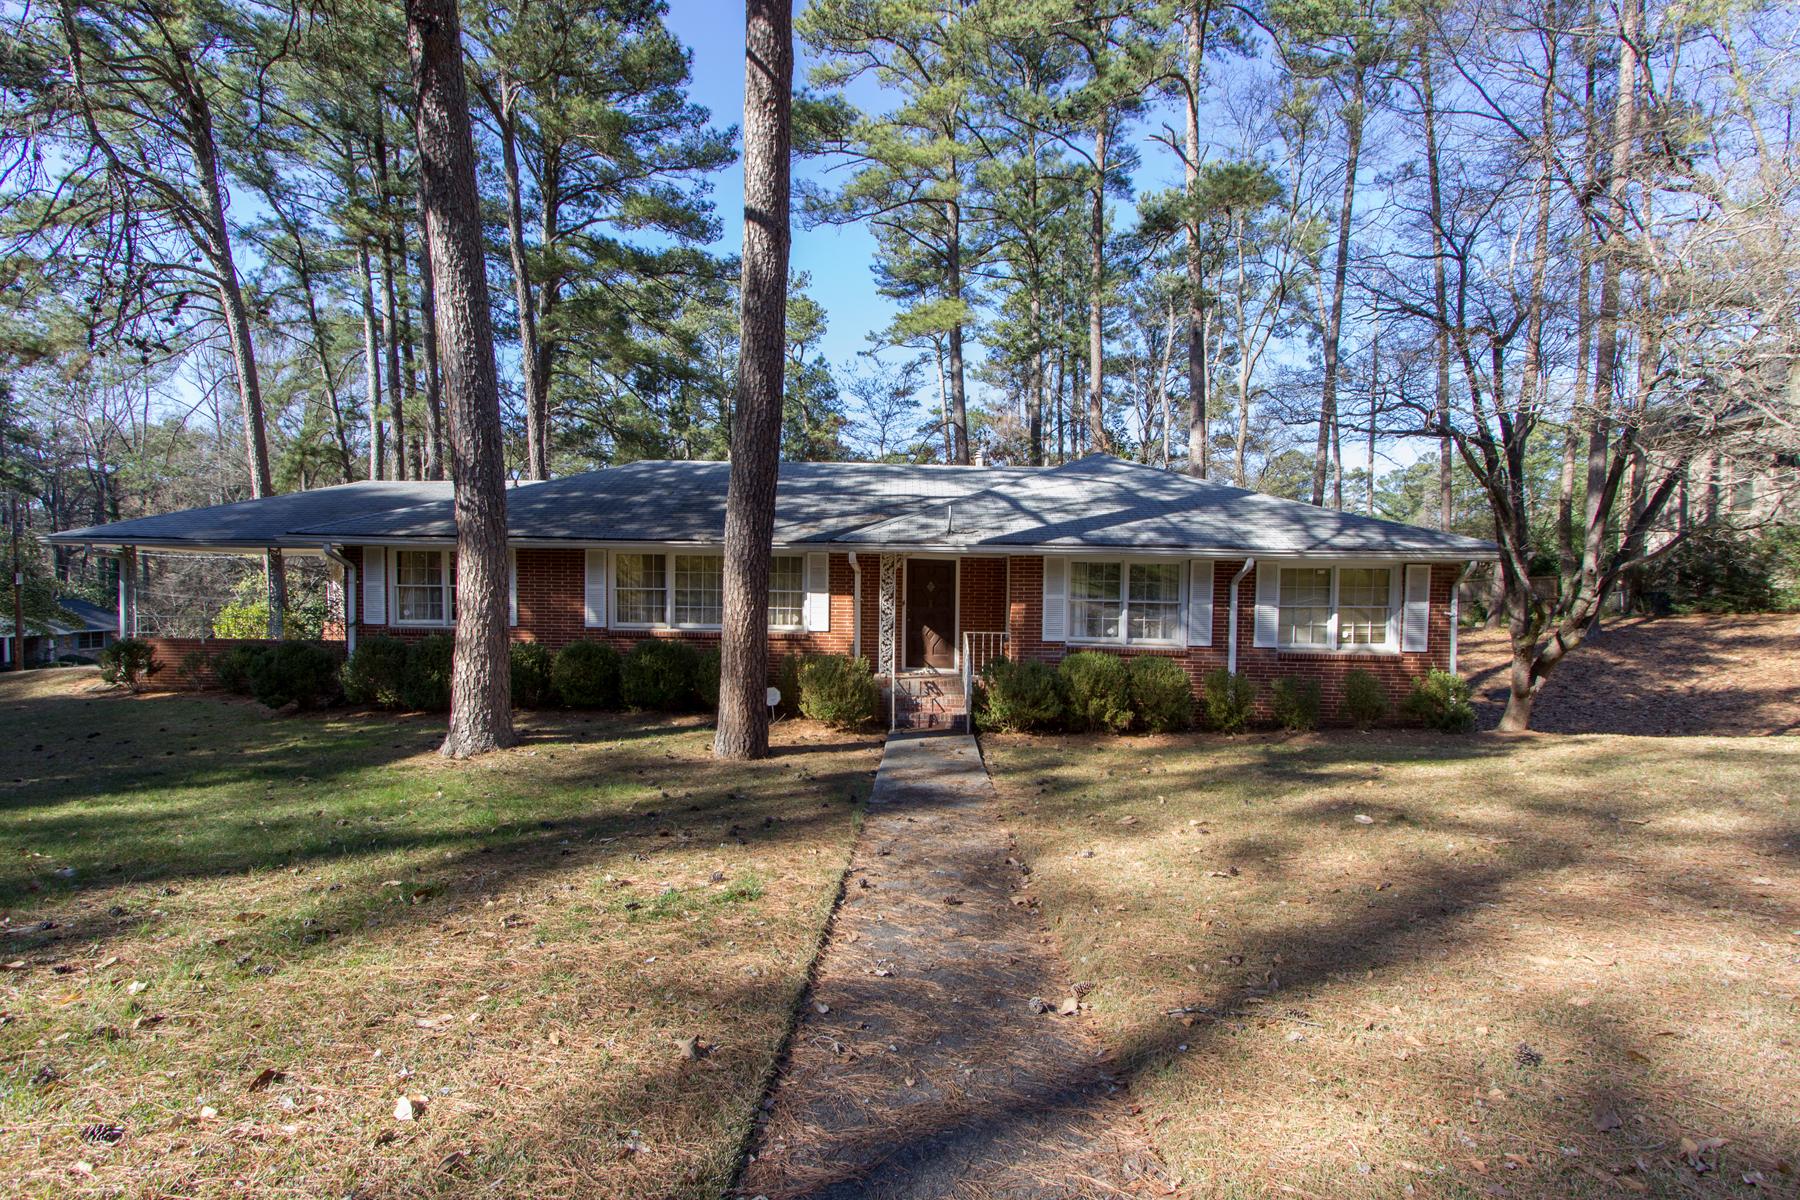 Maison unifamiliale pour l Vente à All Brick Home In Amazing Location 1412 Dalewood Drive NE Atlanta, Georgia, 30329 États-Unis